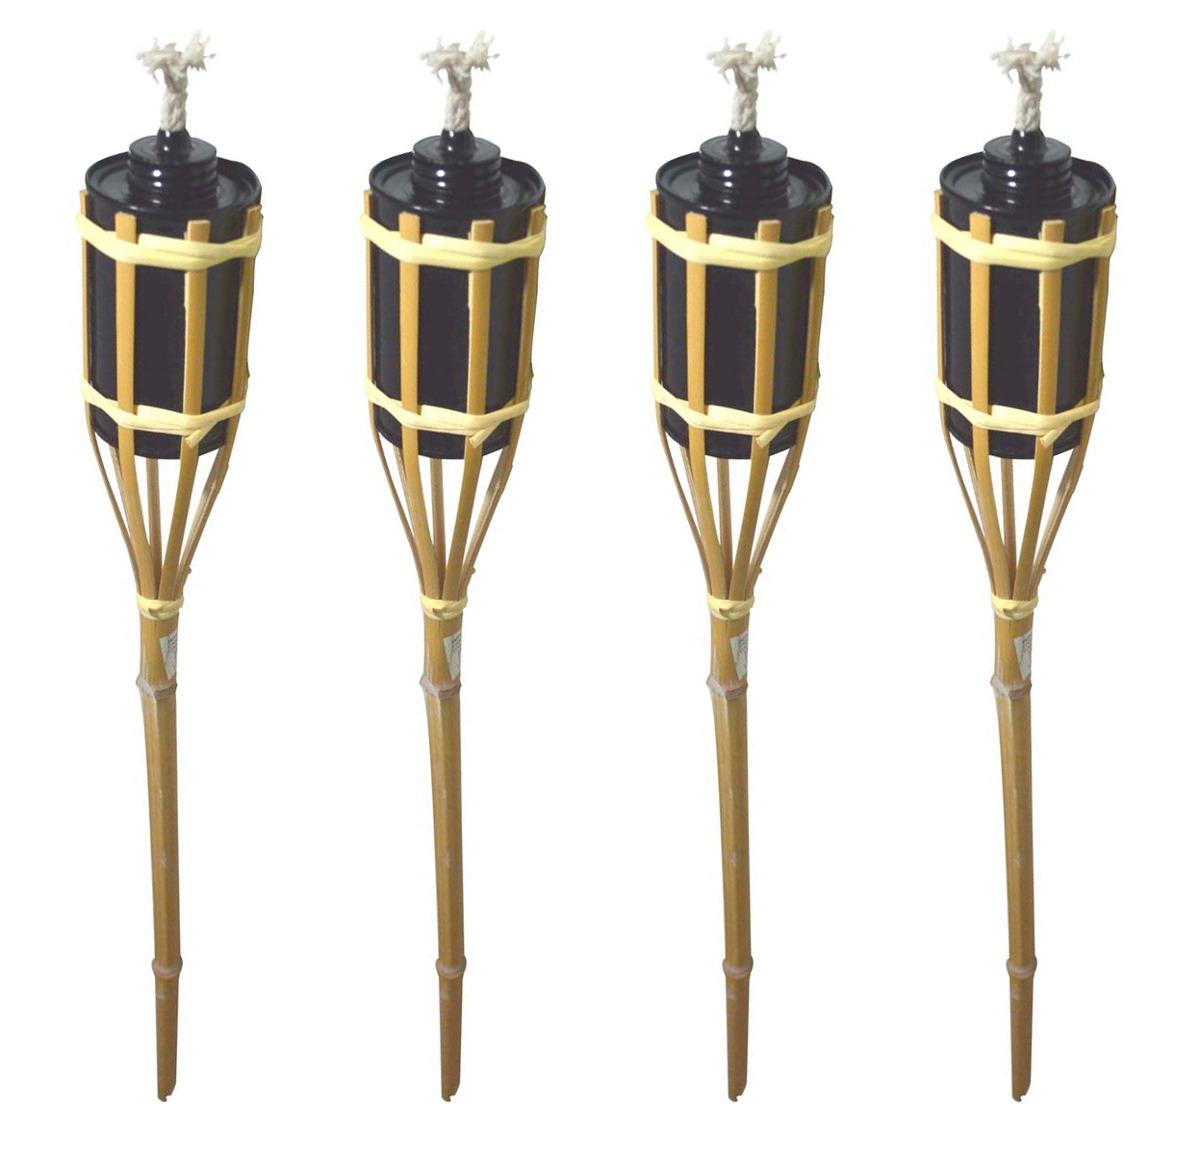 Kit 4 Lamparina Tocha De Fogo Bambu 90cm Decoração Festa R$ 26 11  #9B7C30 1200 1155